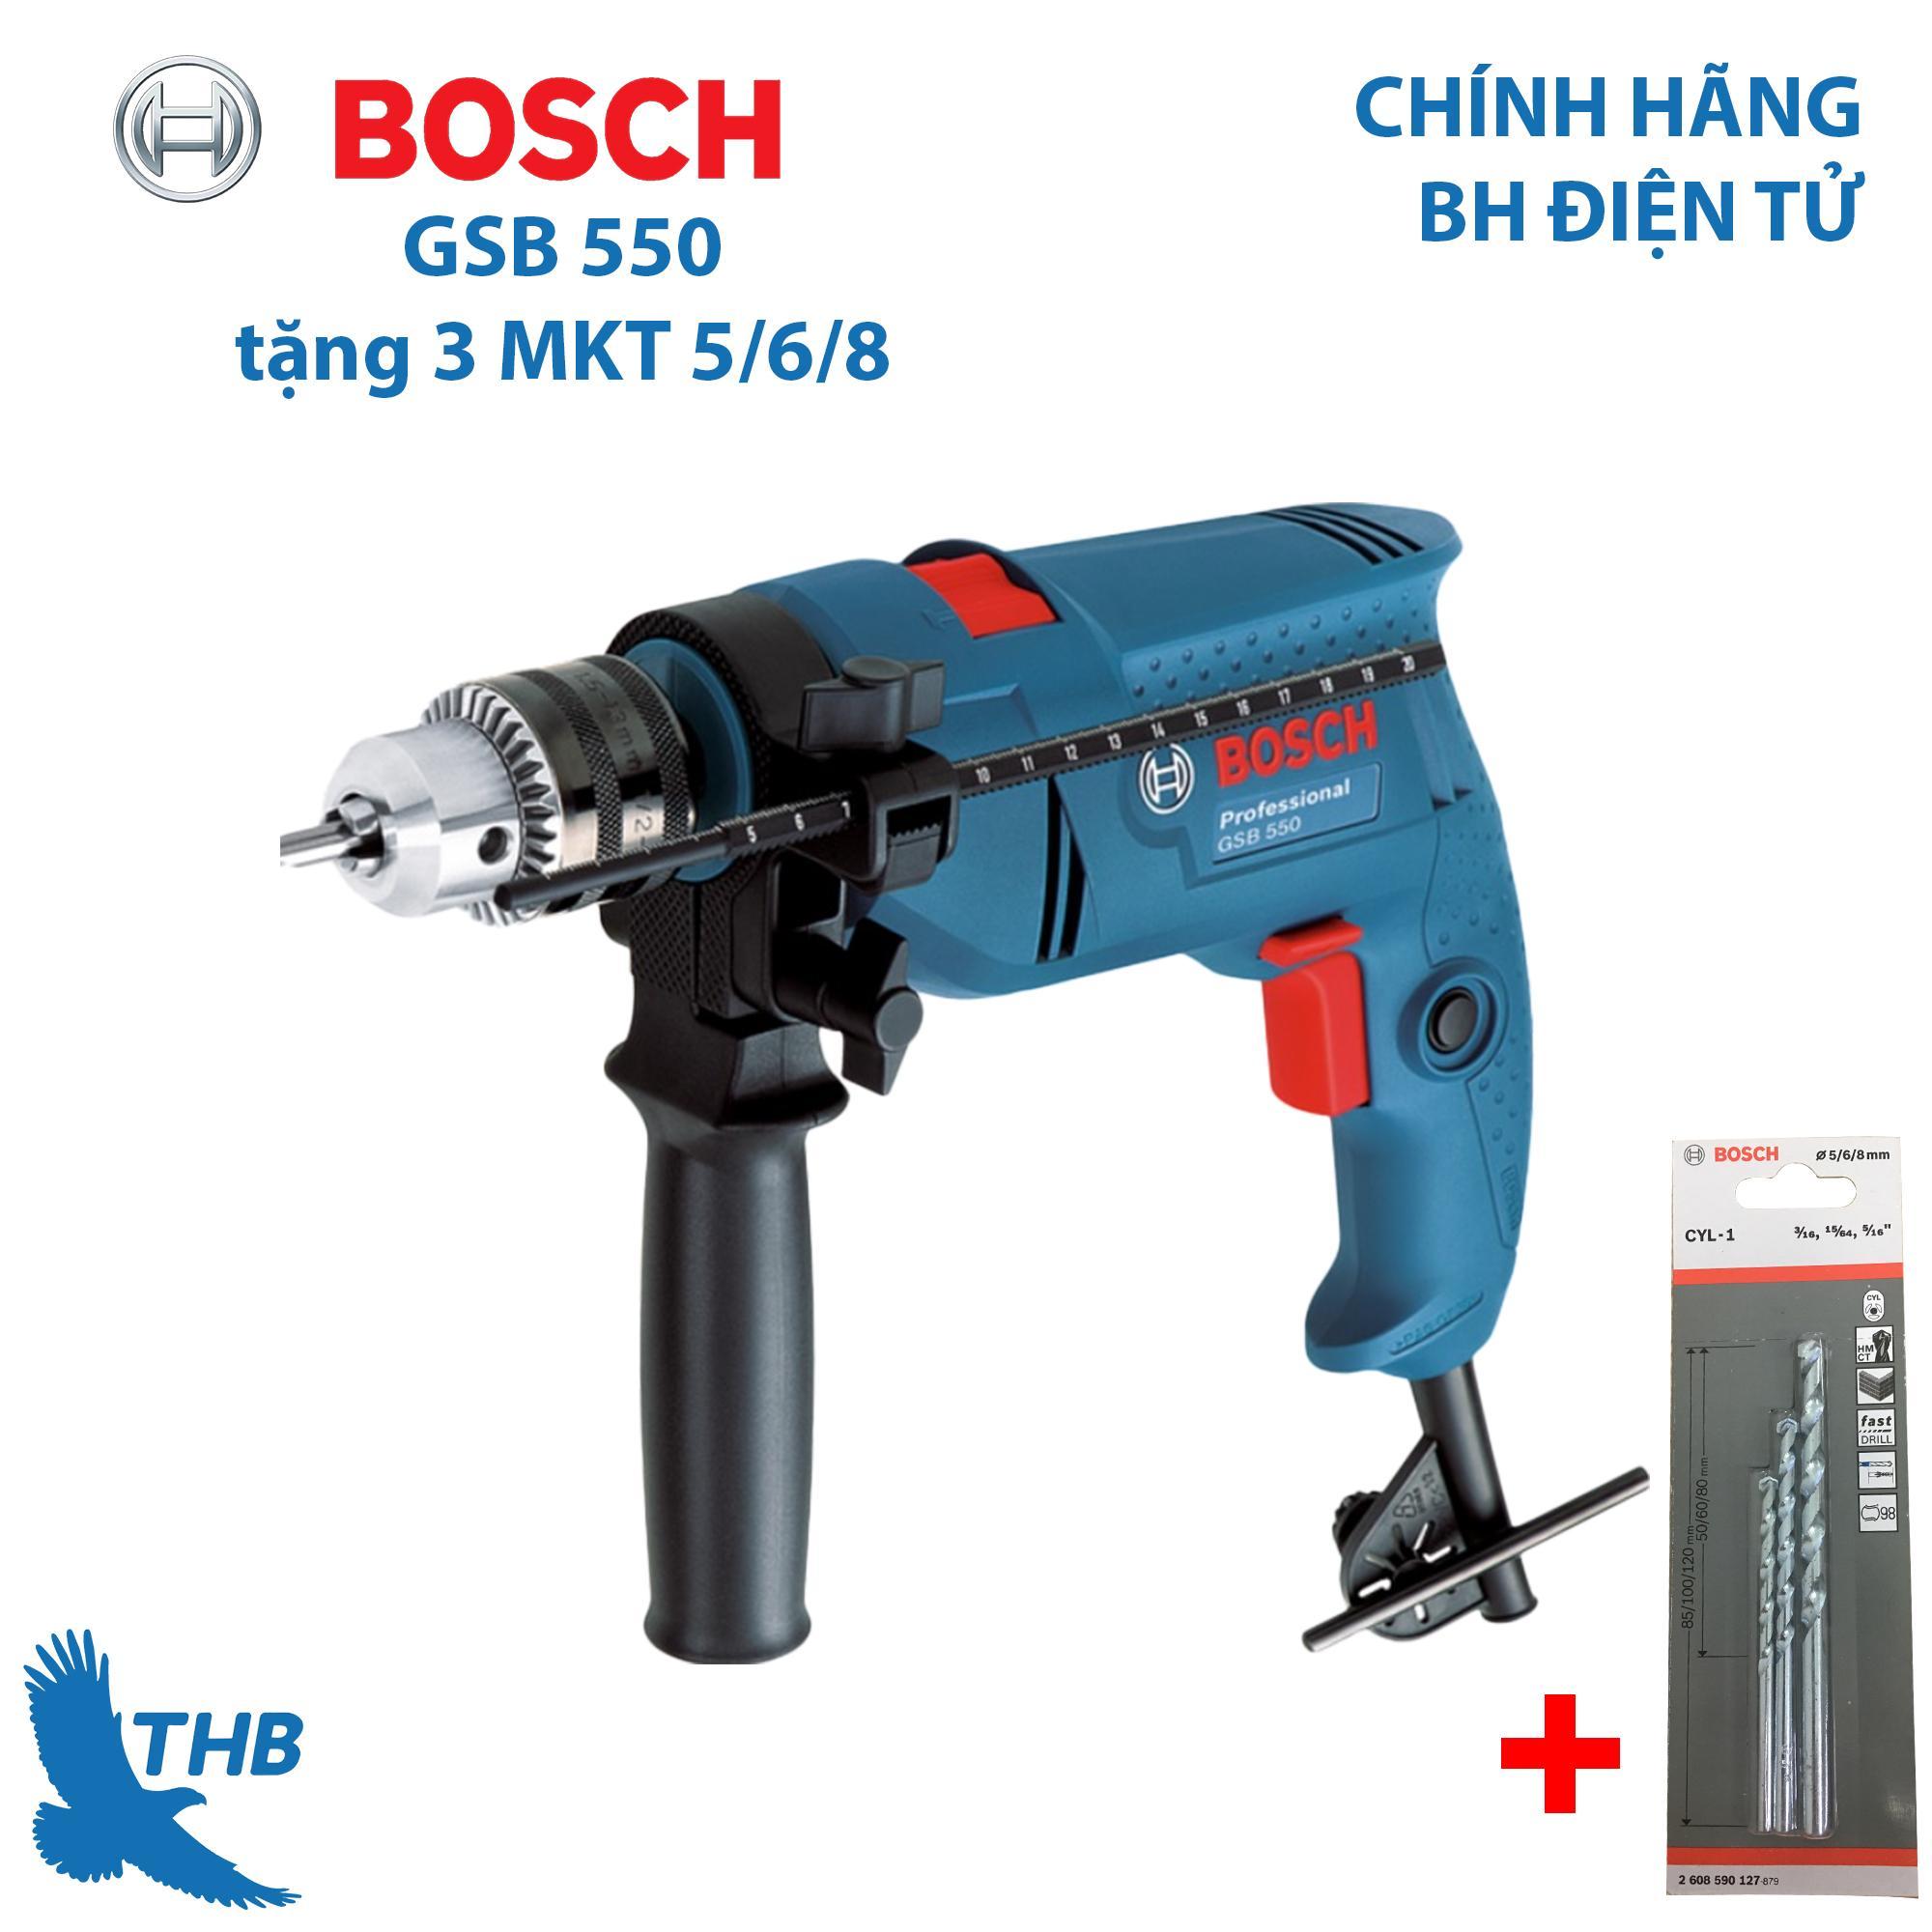 Máy khoan động lực Máy khoan gia đình Bosch GSB 550 Hộp giấy tặng 3 mũi khoan - Khoan bán chạy số 1 của Bosch